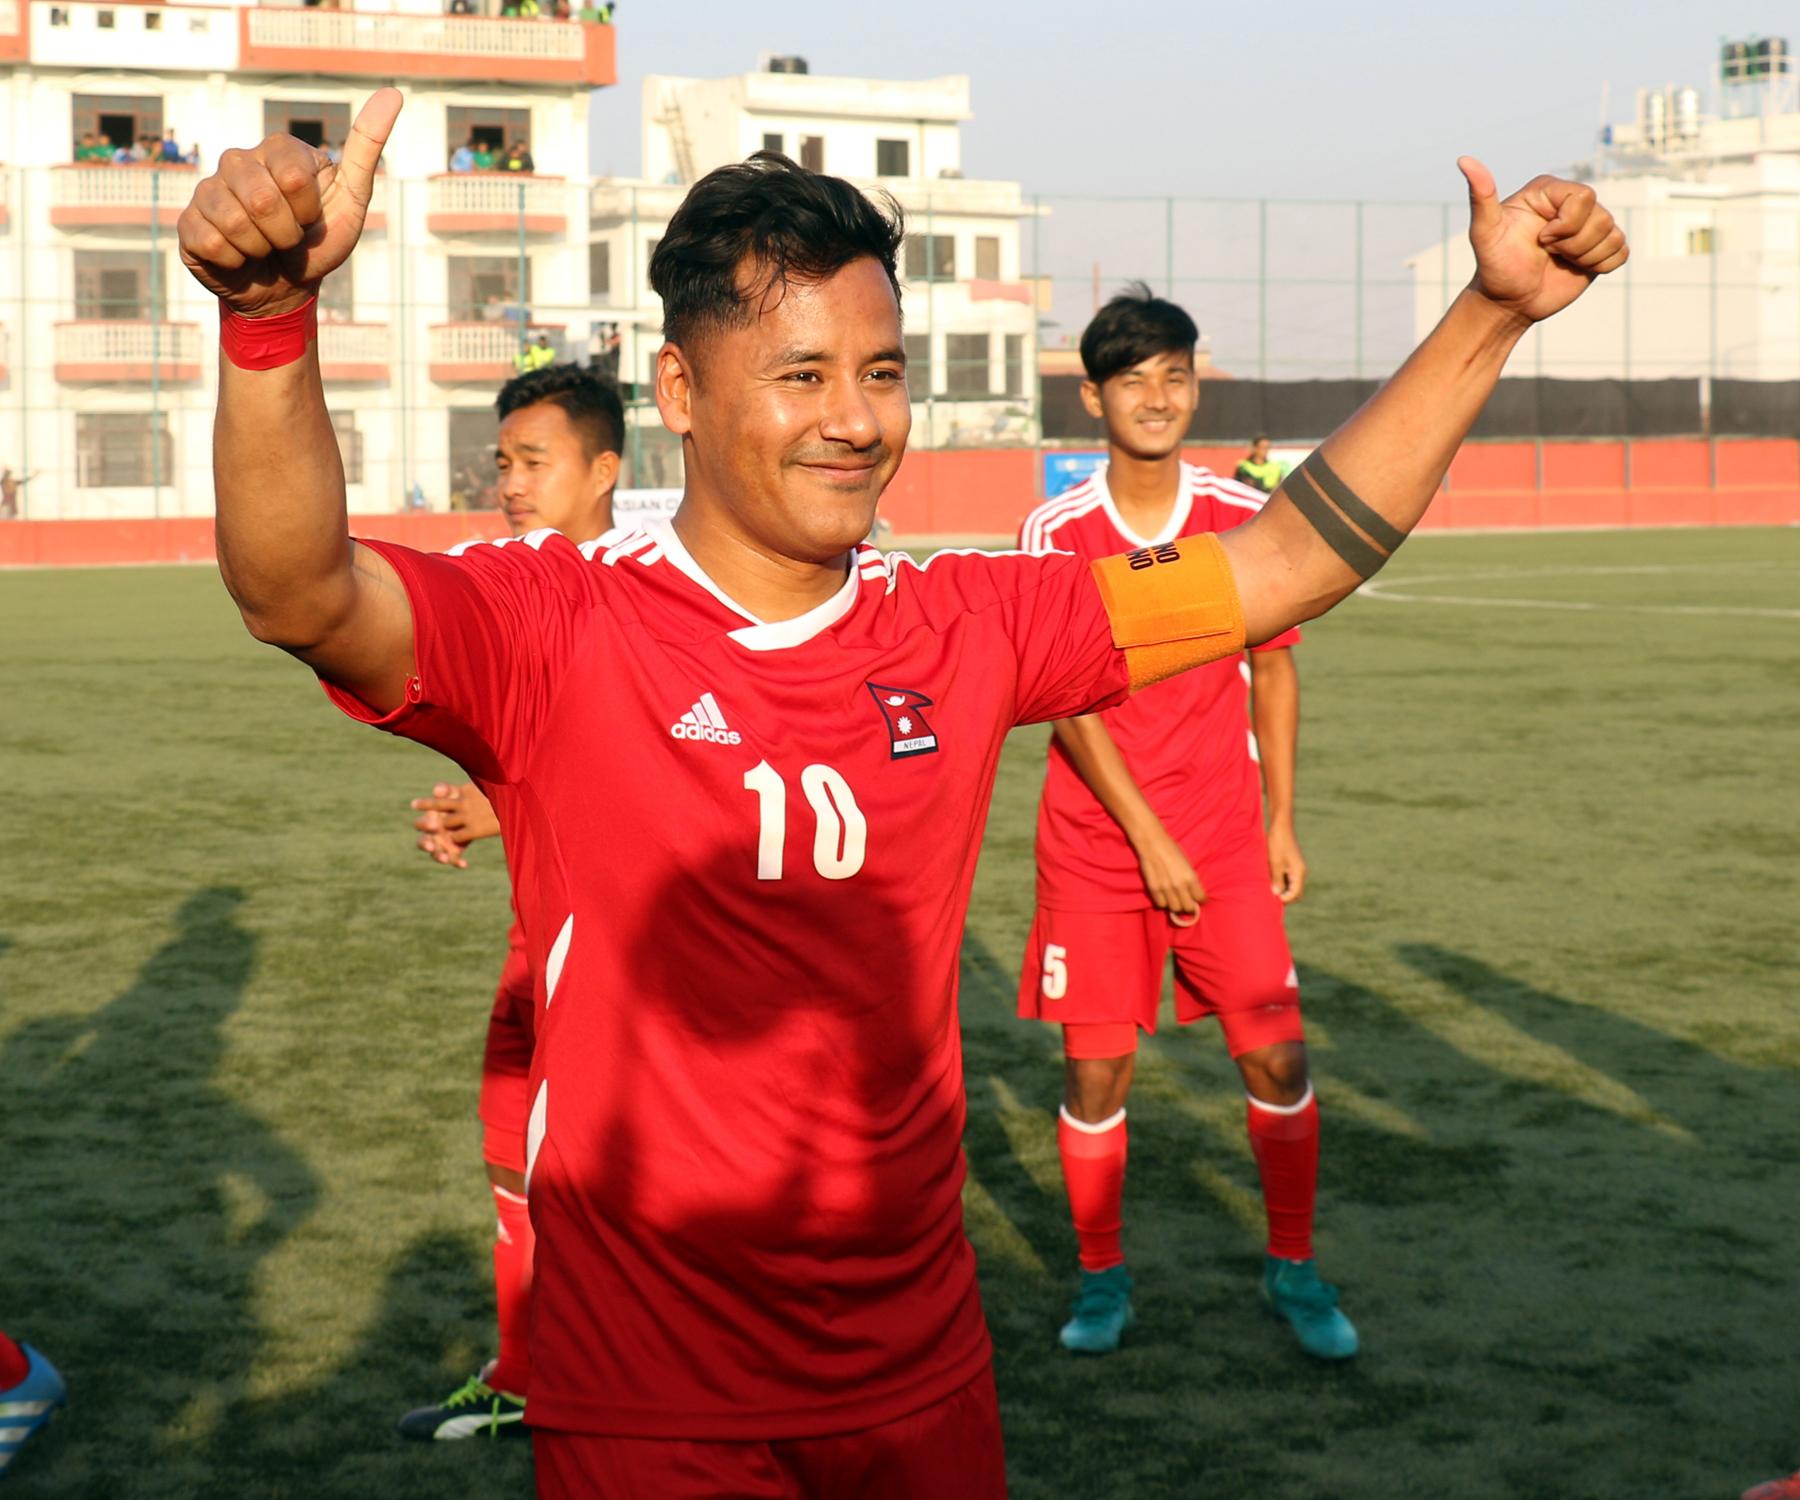 नेपाल र फिलिपिन्सको खेल बराबरी, गुरुङले गरे सन्यासको घोषणा